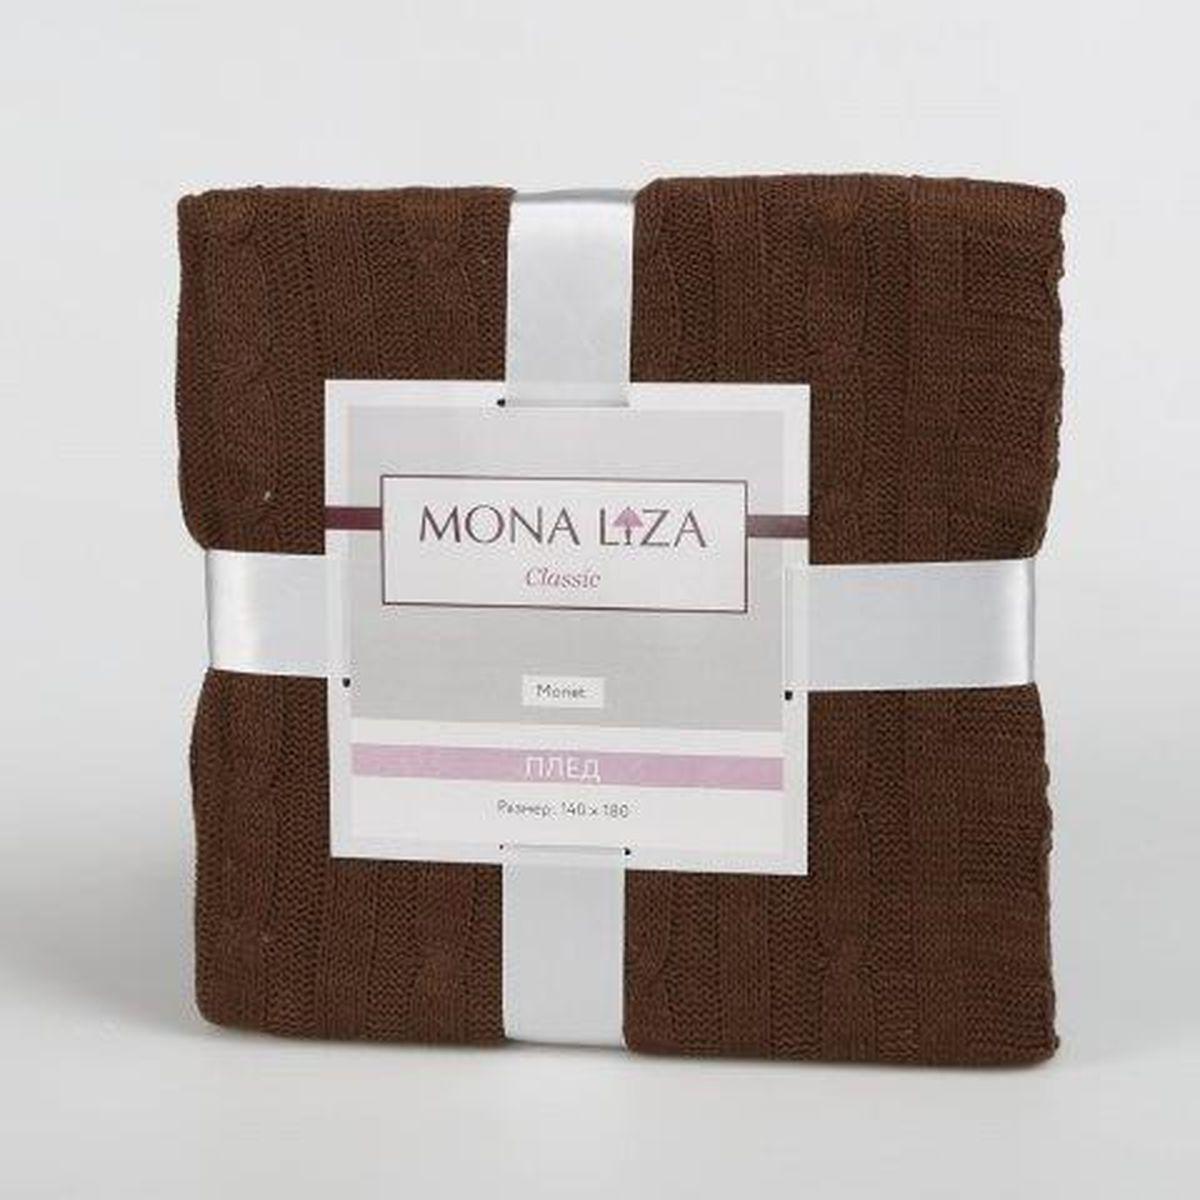 Плед Mona Liza Classic Monet, цвет: шоколадный, 140 х 180 смES-412Оригинальный вязаный плед Mona Liza Classic Monet послужит теплым, мягким и практичным подарком близким людям. Плед изготовлен из высококачественного 100% акрила.Яркий и приятный на ощупь плед Mona Liza Classic Monet станет отличным дополнением в вашем интерьере.